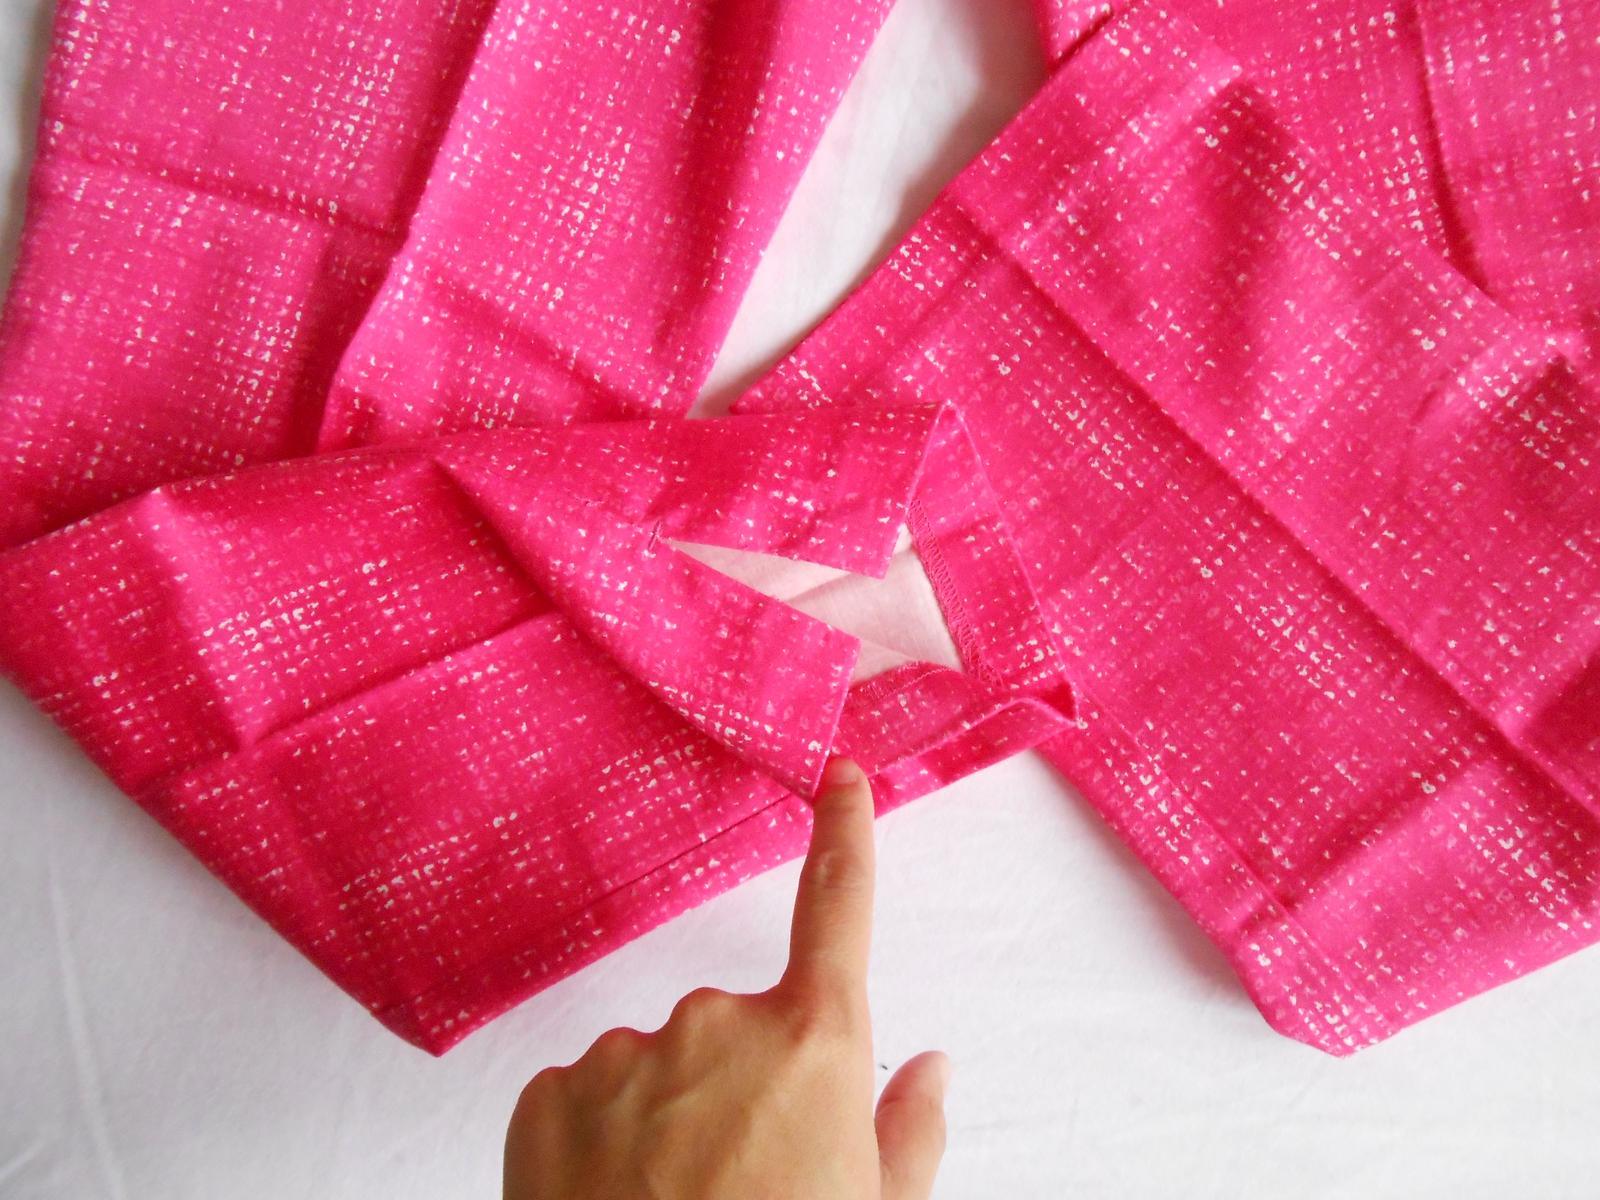 Ružové 7/8-nové striekané nohavice zn. H&M - Obrázok č. 3